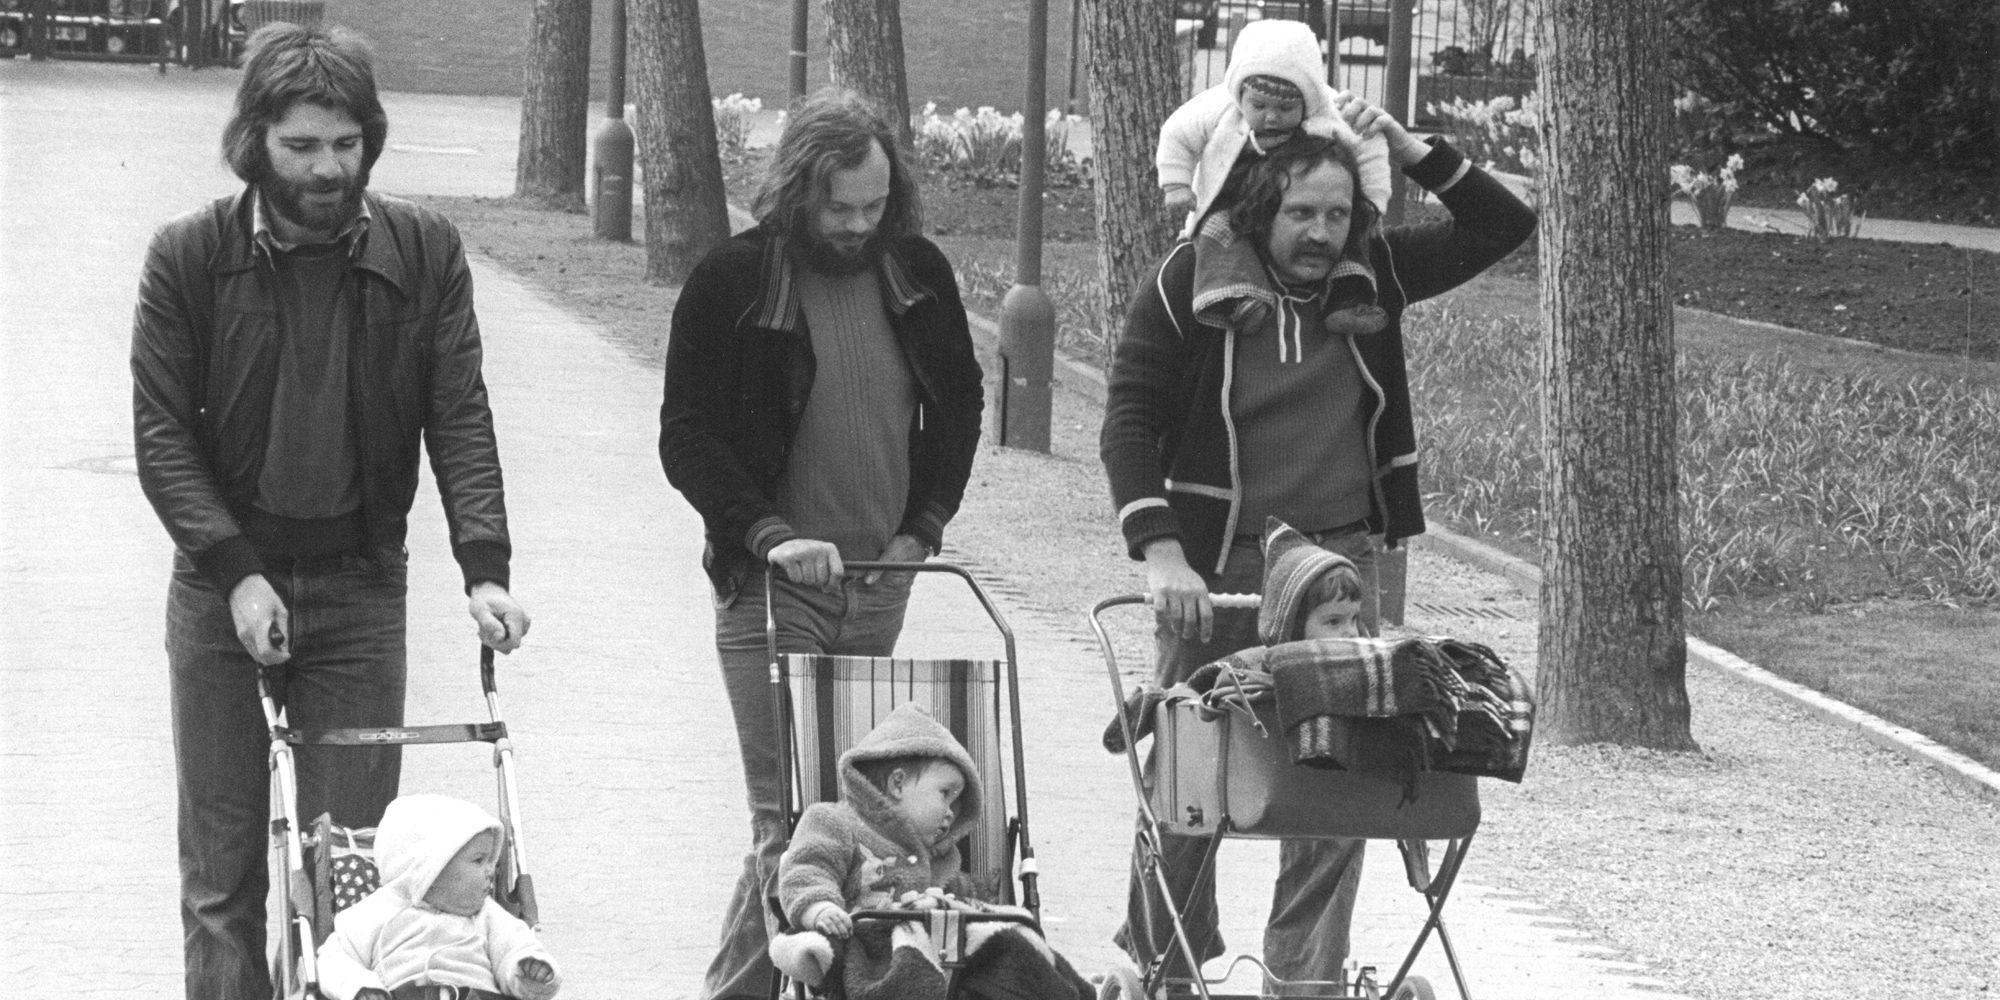 Schwarz-weiß Fotografie von Barbara Klemm: Drei Männer mit Buggys und Kinderwagen (Frankfurt 1979)